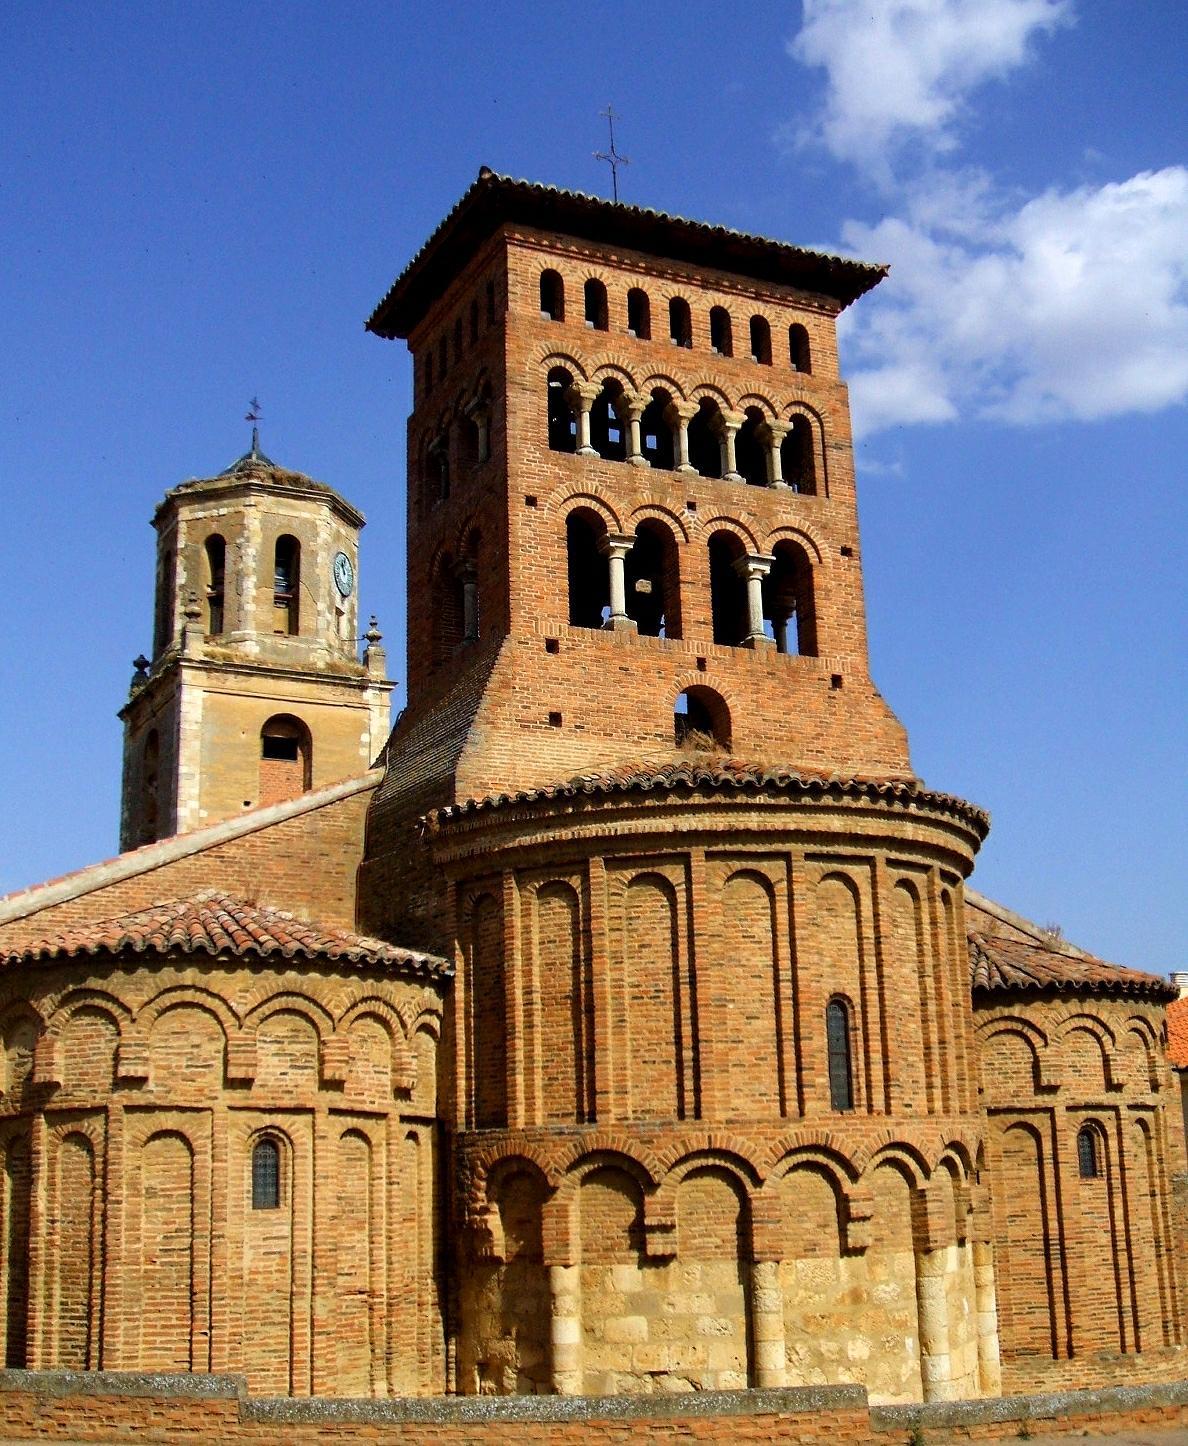 Iglesia de San Tirso (Sahagún) - Wikipedia, la enciclopedia libre